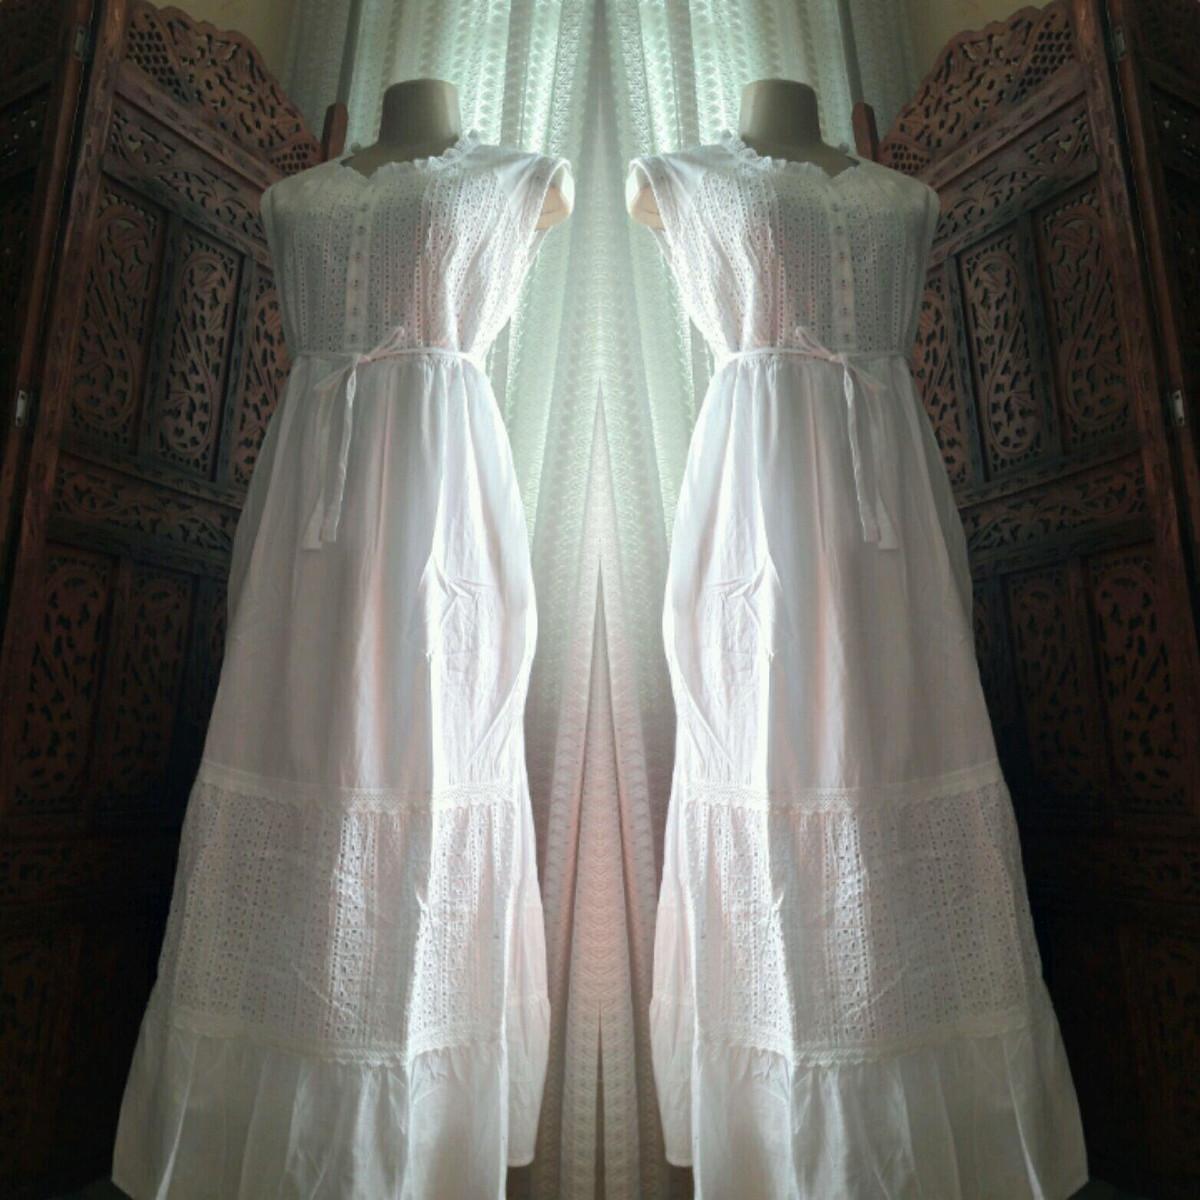 45c3d4a3f7e3 vestido branco longo algodão laise renda grupir festa no Elo7 ...